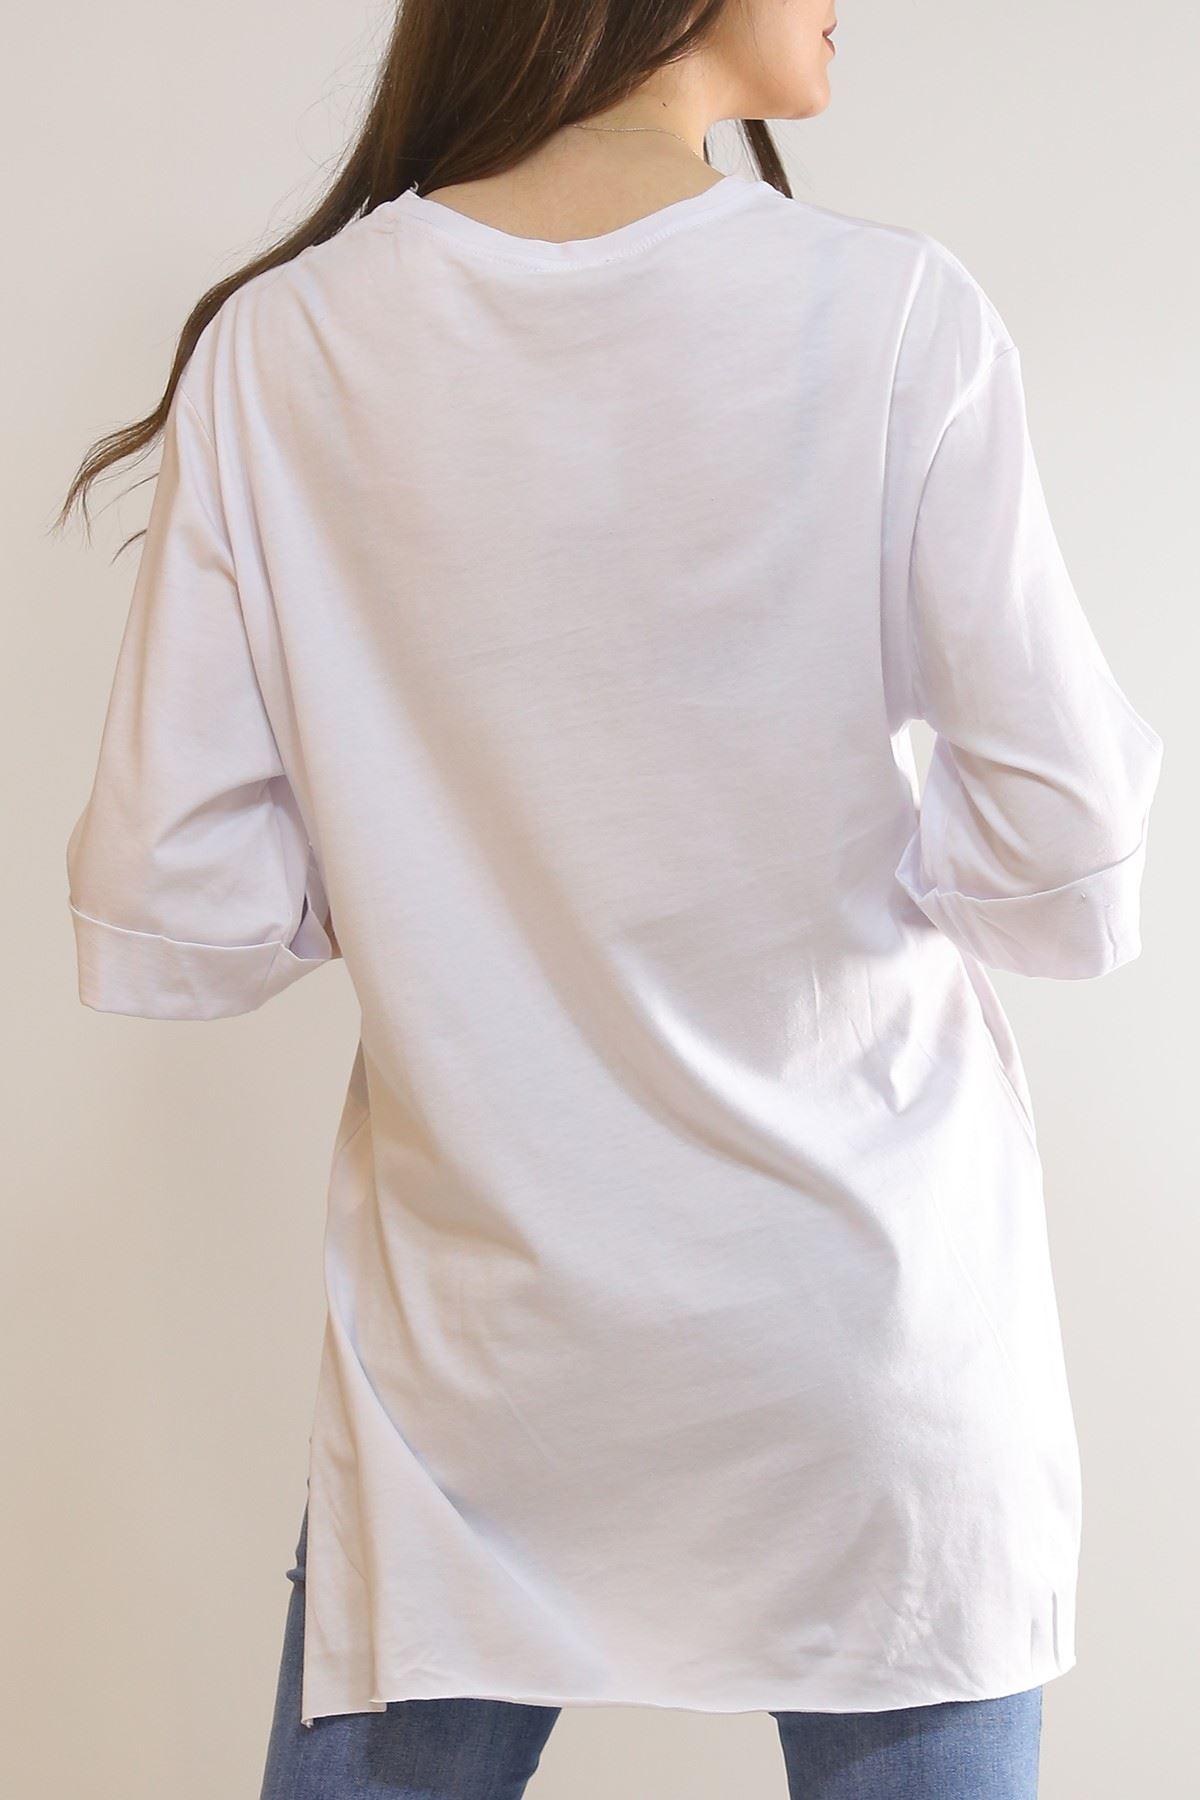 Mood Baskılı Tunik Beyaz - 3276.222.